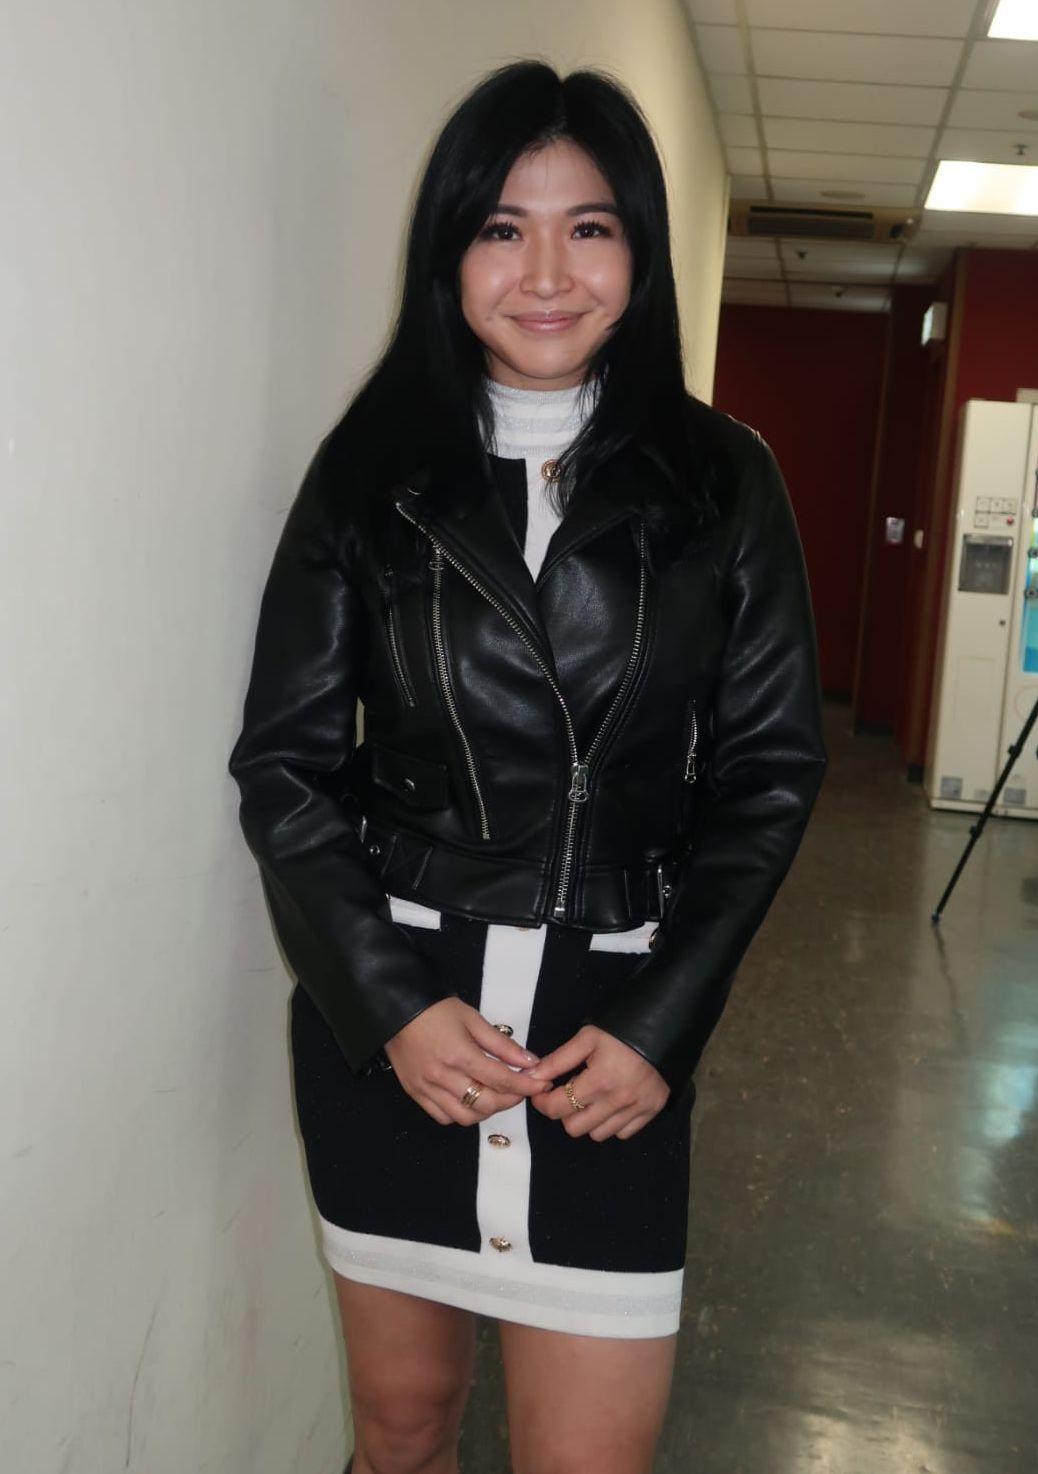 陳偉琪表示老外新歡於情人節毫無表示。